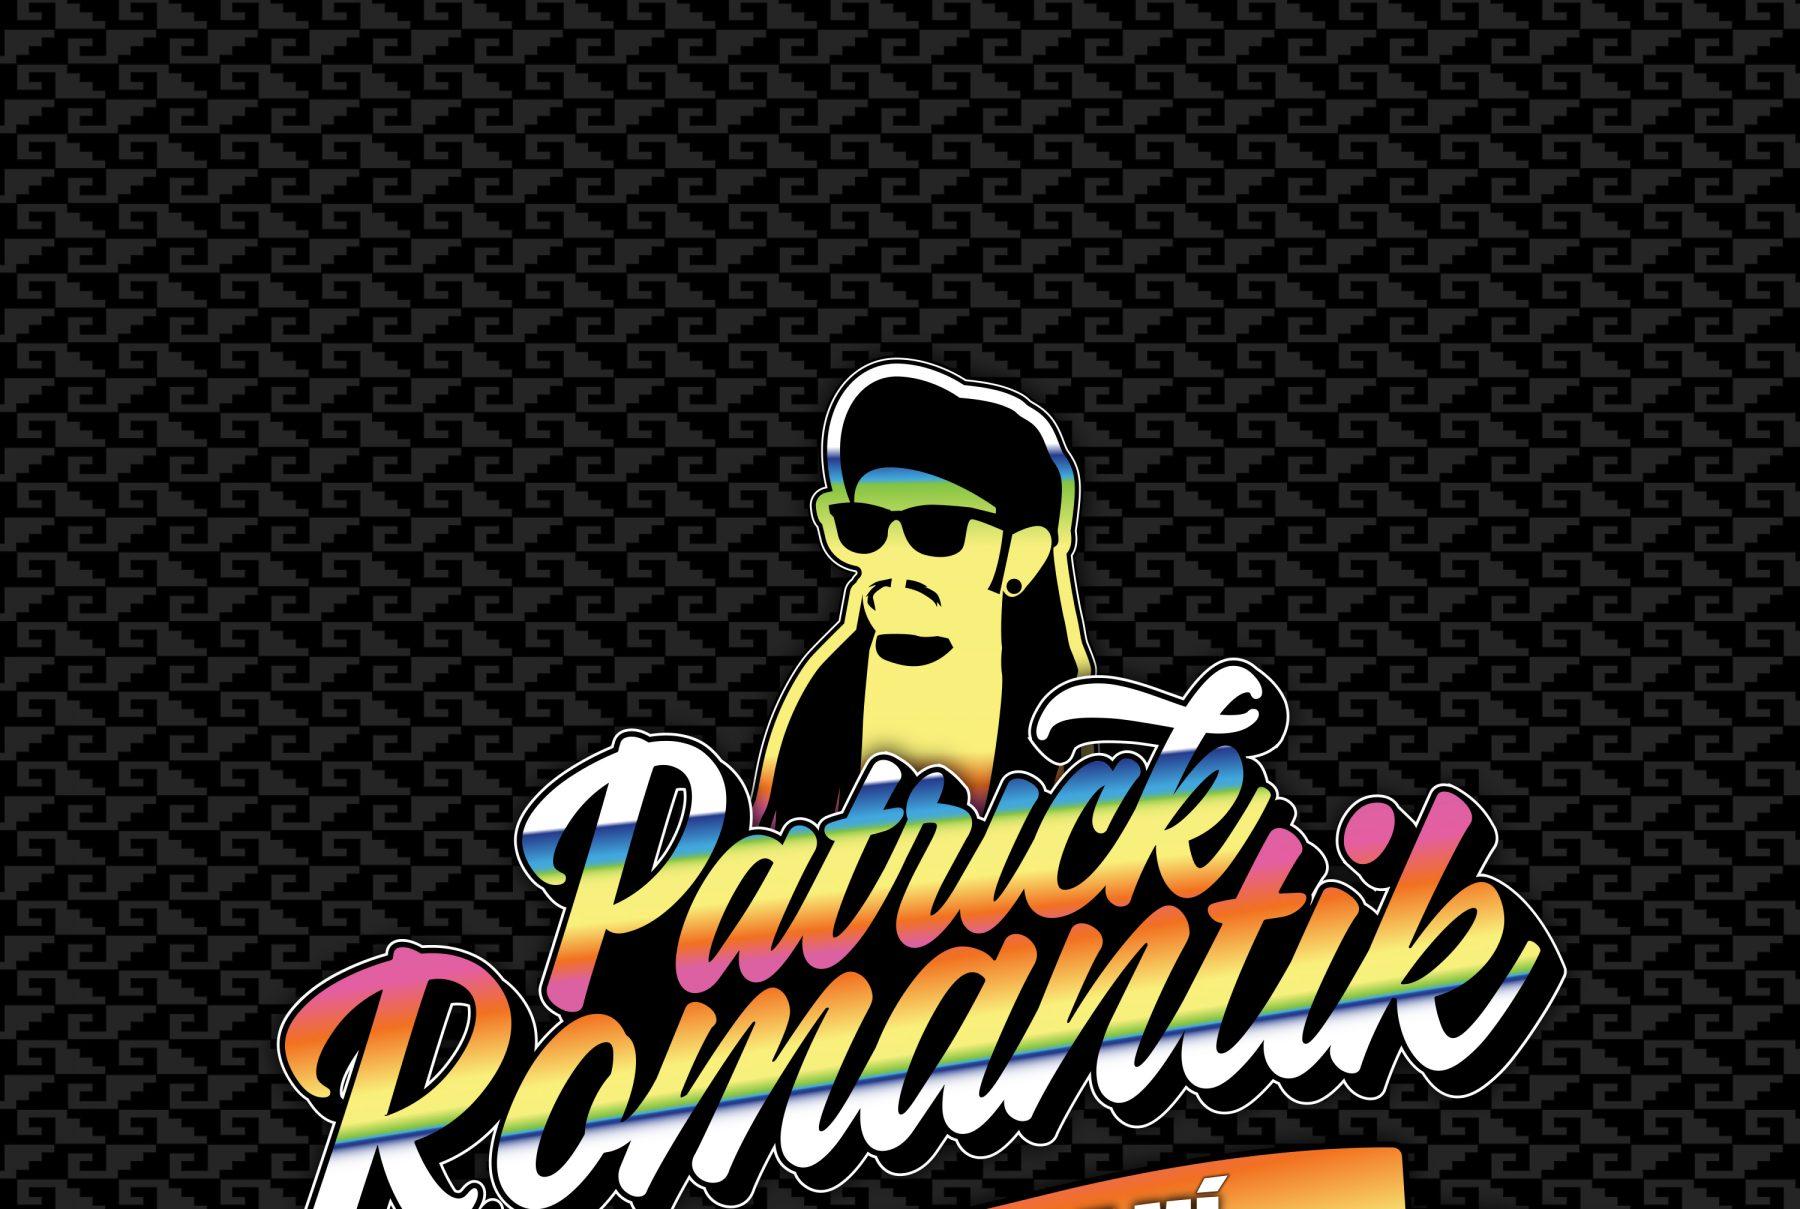 Patrick_Romantik_Cerquita_de_mi_cover